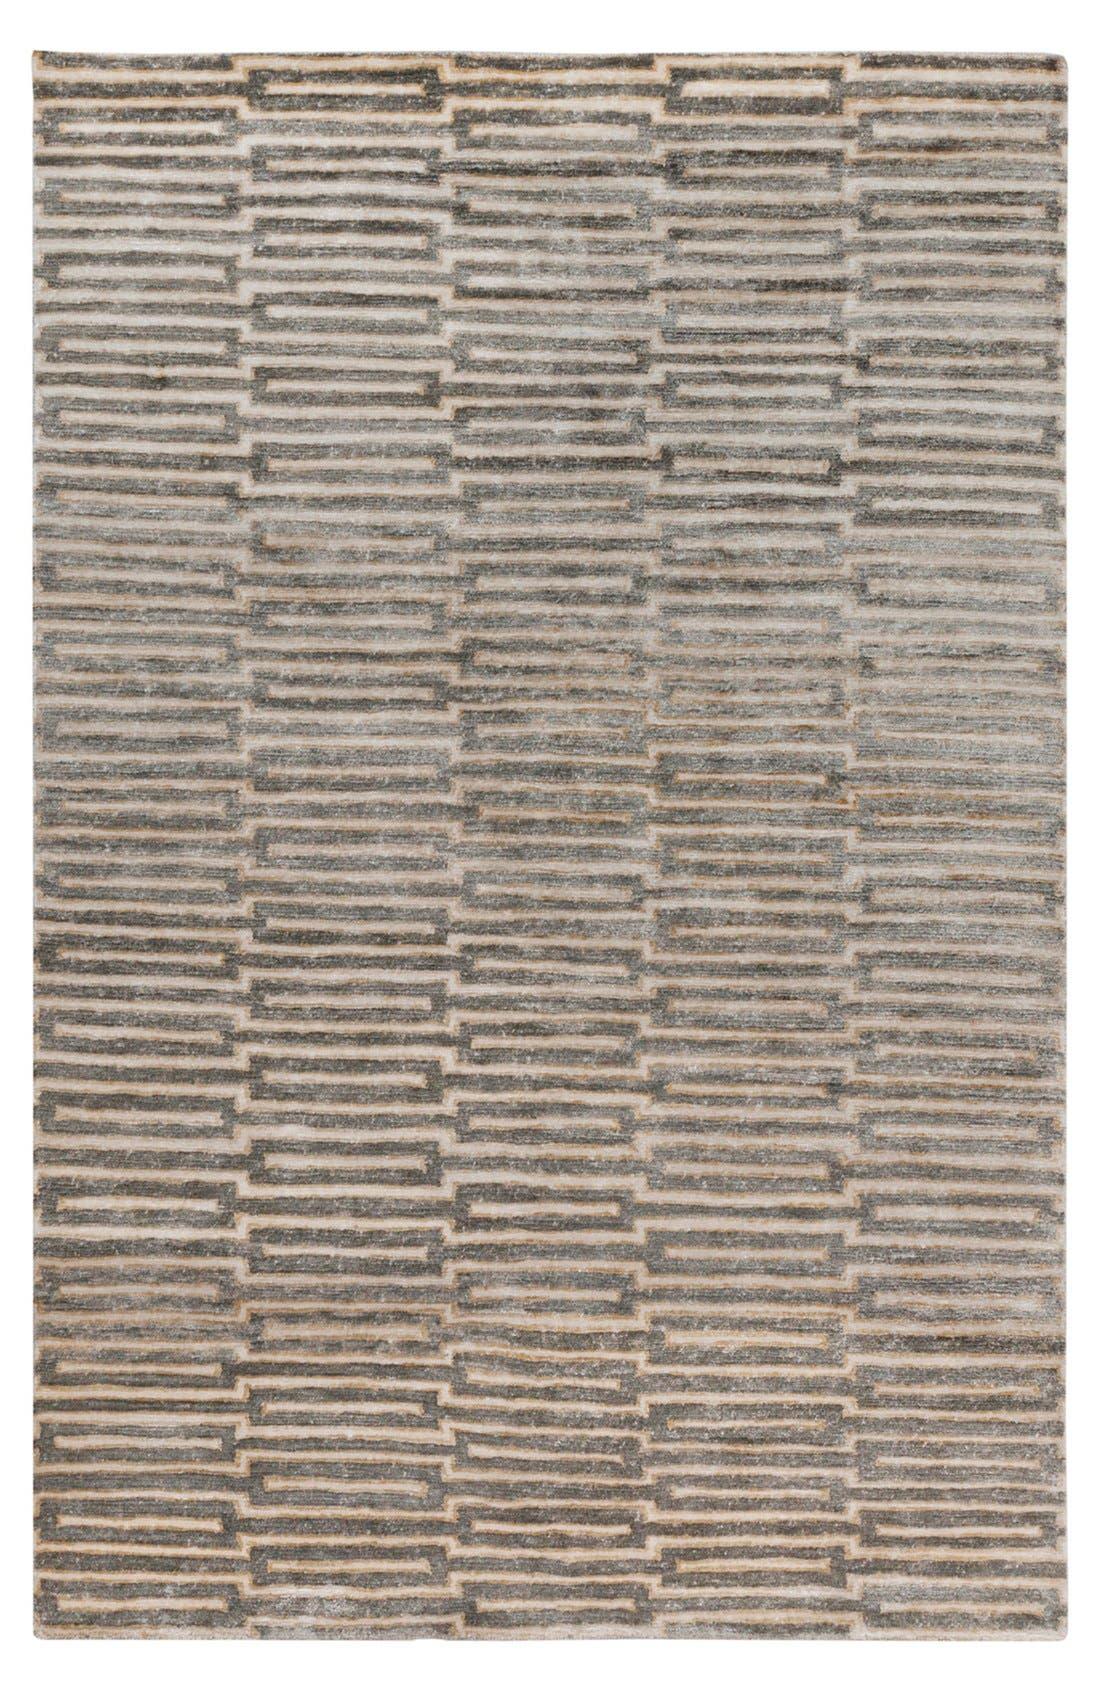 'Platinum' Hand Tufted Rug,                         Main,                         color, Olive/ Beige